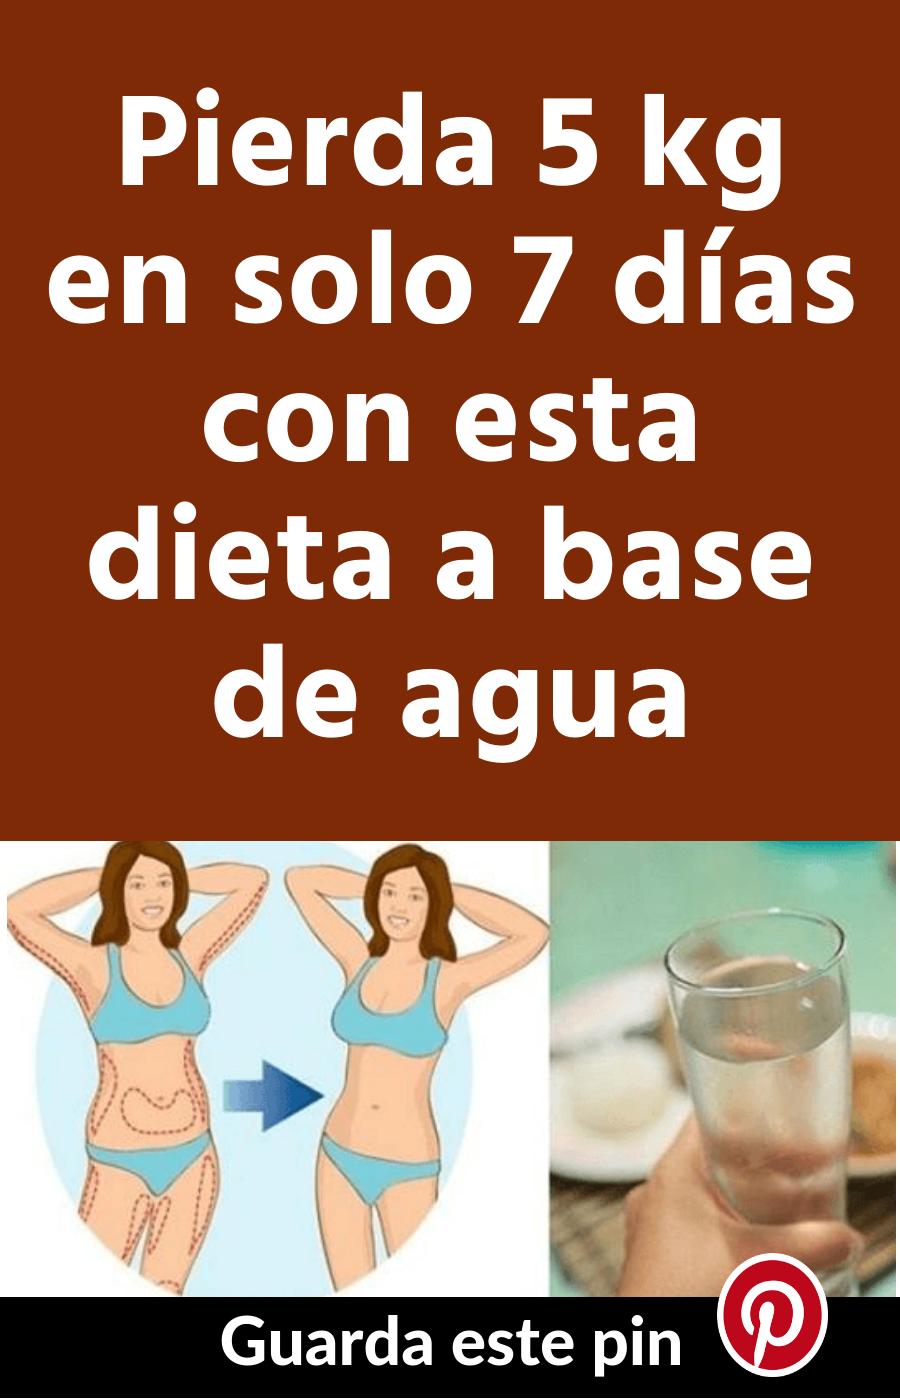 Dieta para adelgazar 5 kg en 7 dias